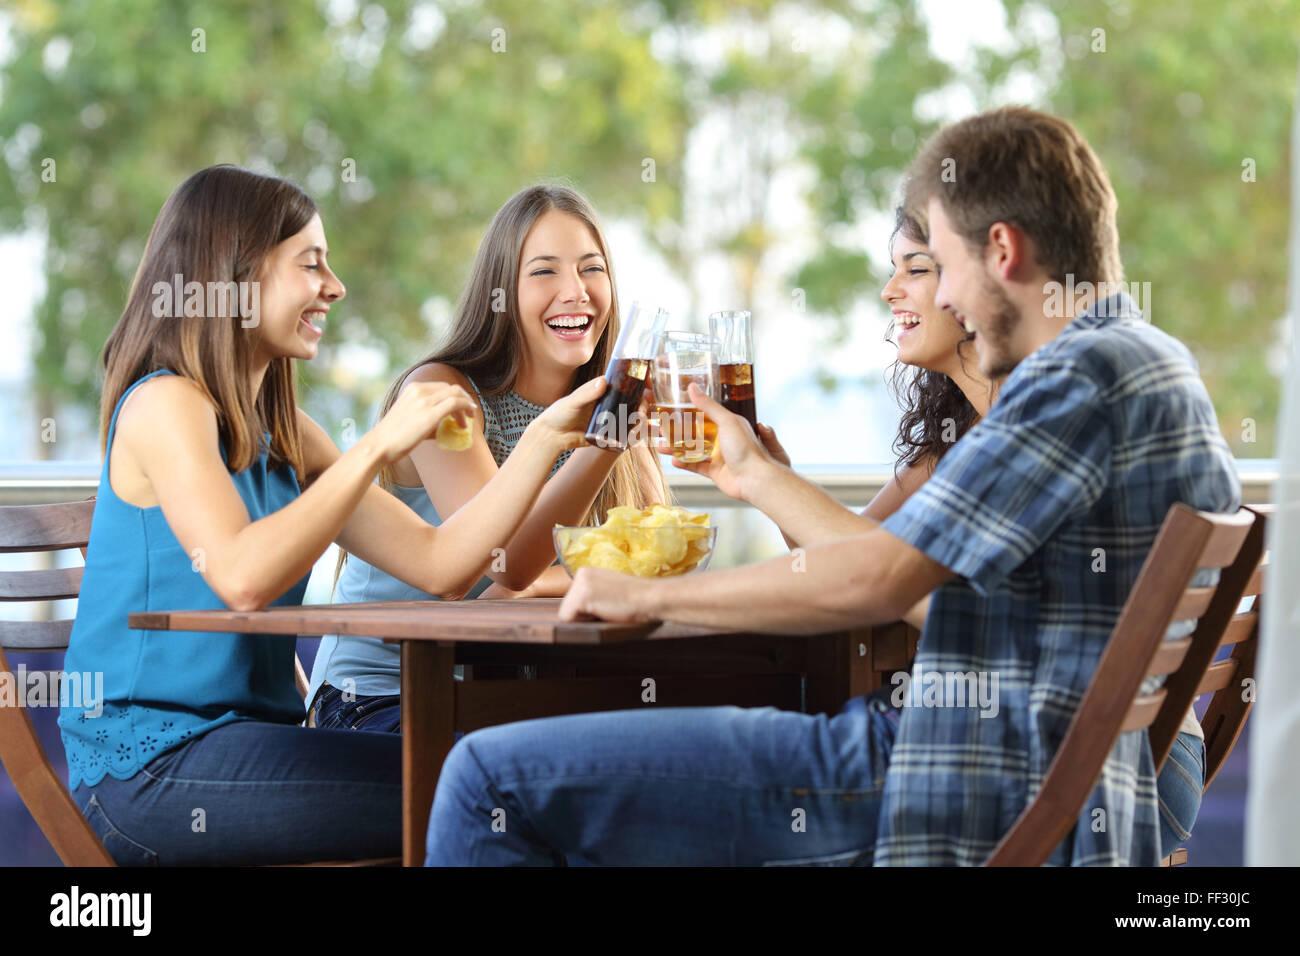 Un grupo de 4 amigos feliz tostado en un hotel o casa terraza Foto de stock